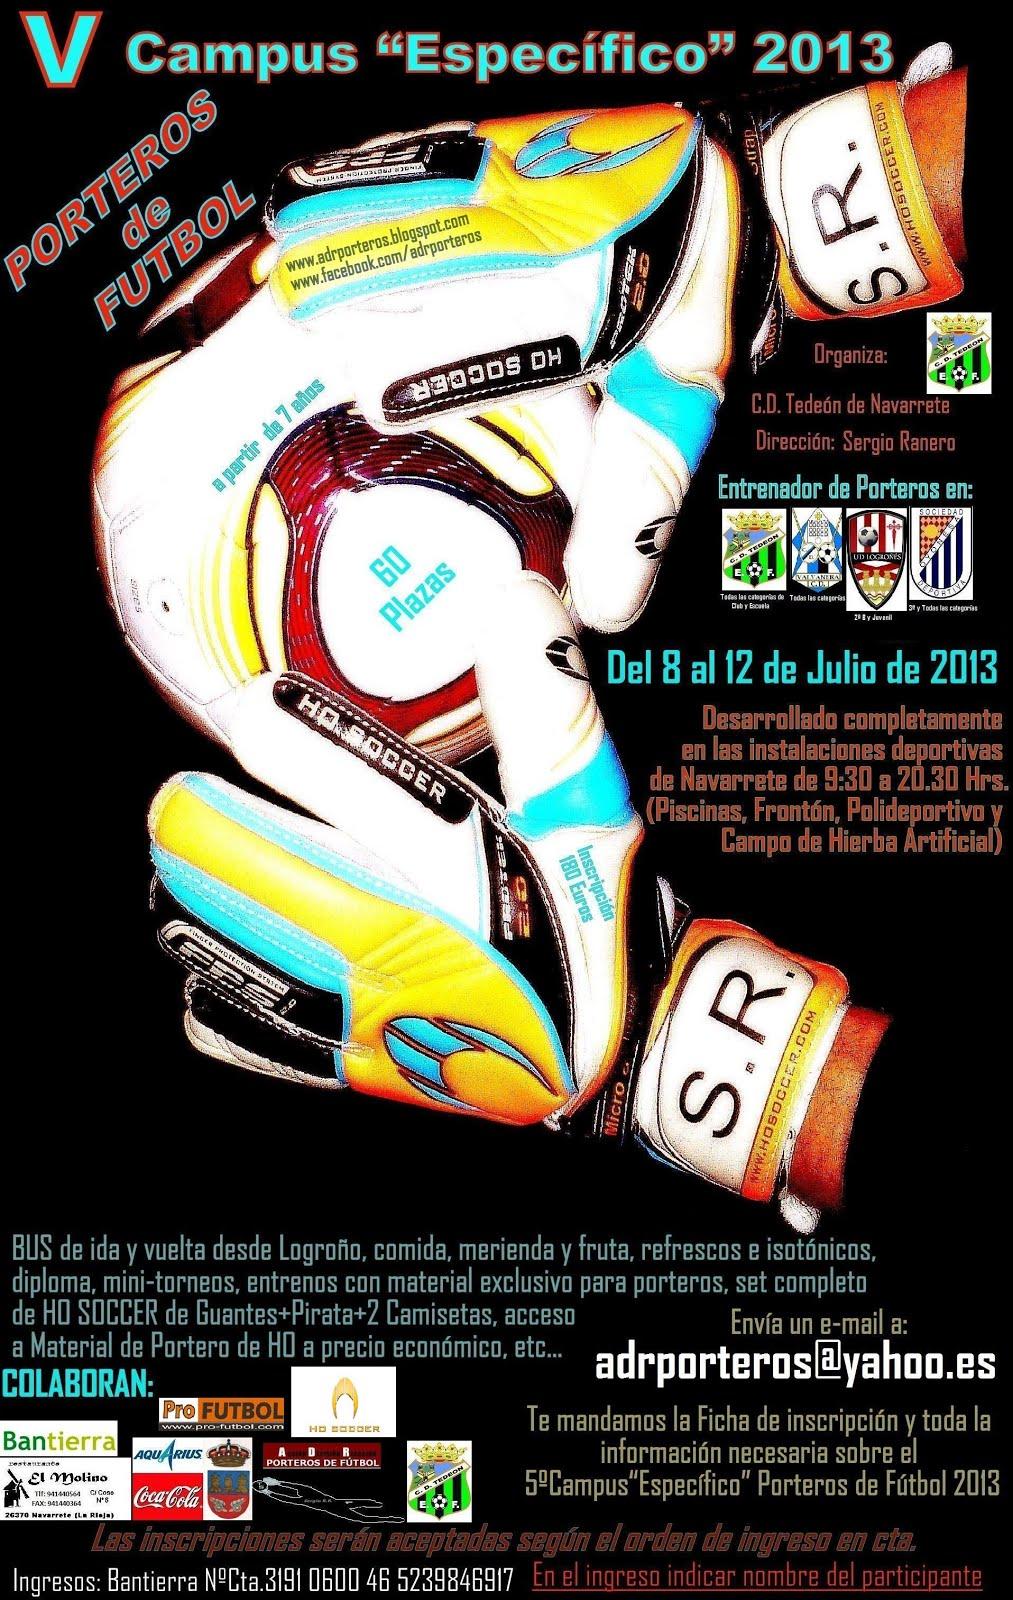 5ºCampus PORTEROS DE FUTBOL 2013